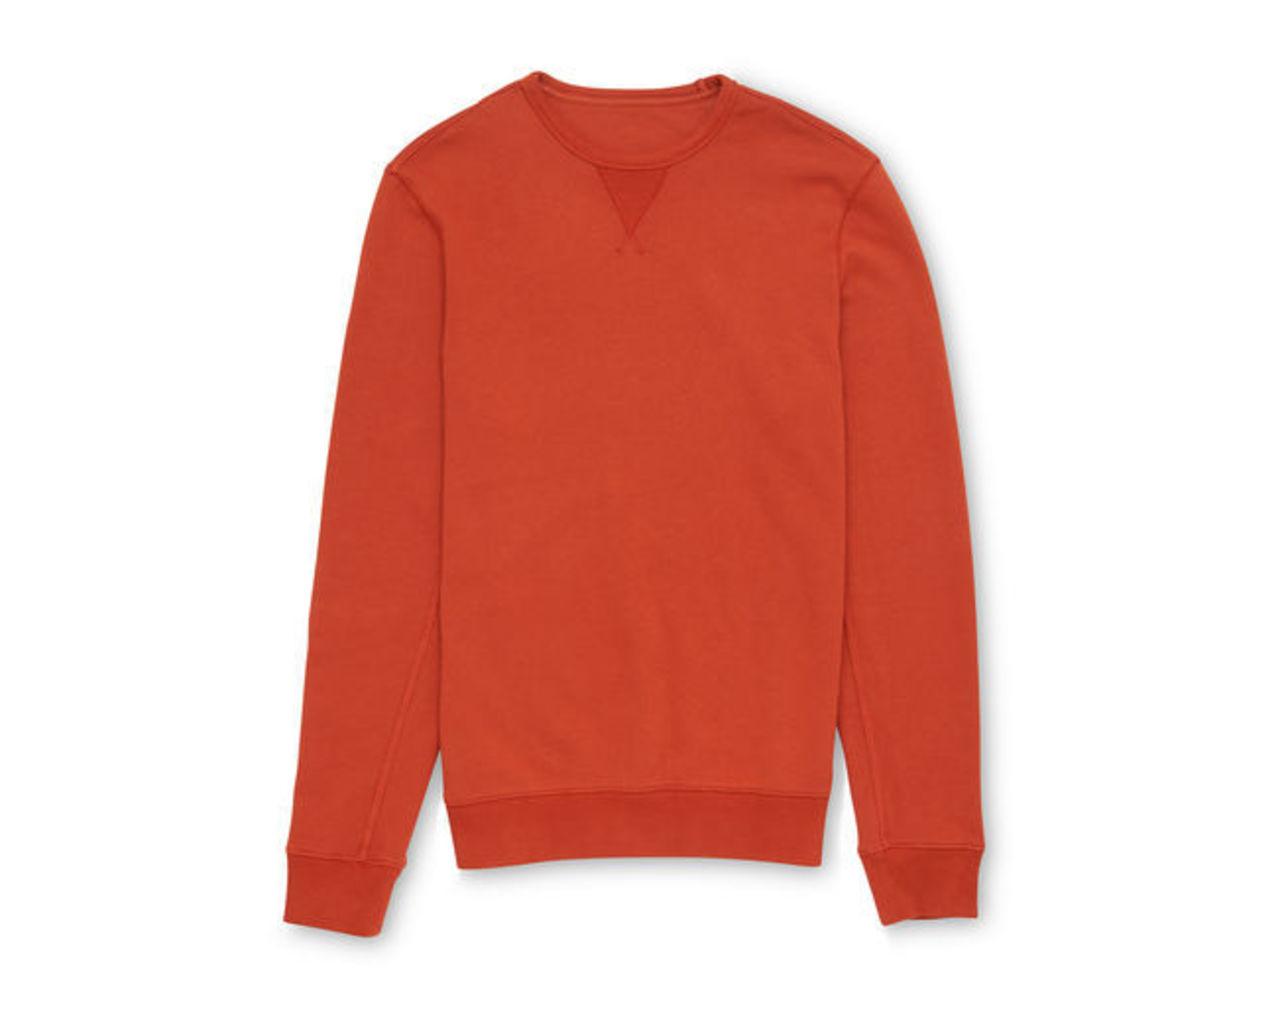 Everyday Sweatshirt